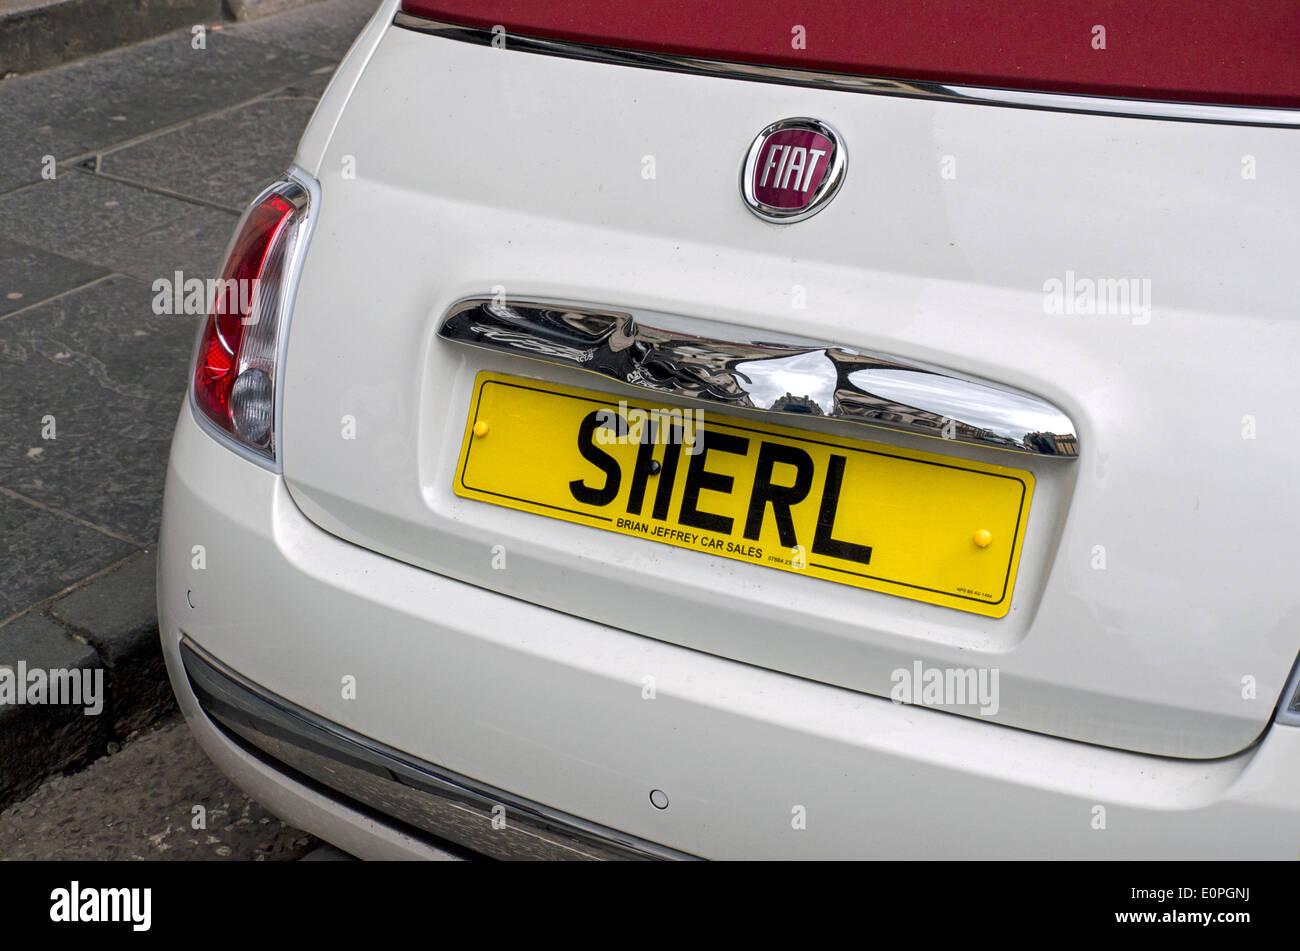 Matrícula de coche personalizado con una ortografía del nombre femenino Sherl pronunciada Sheryl. Imagen De Stock